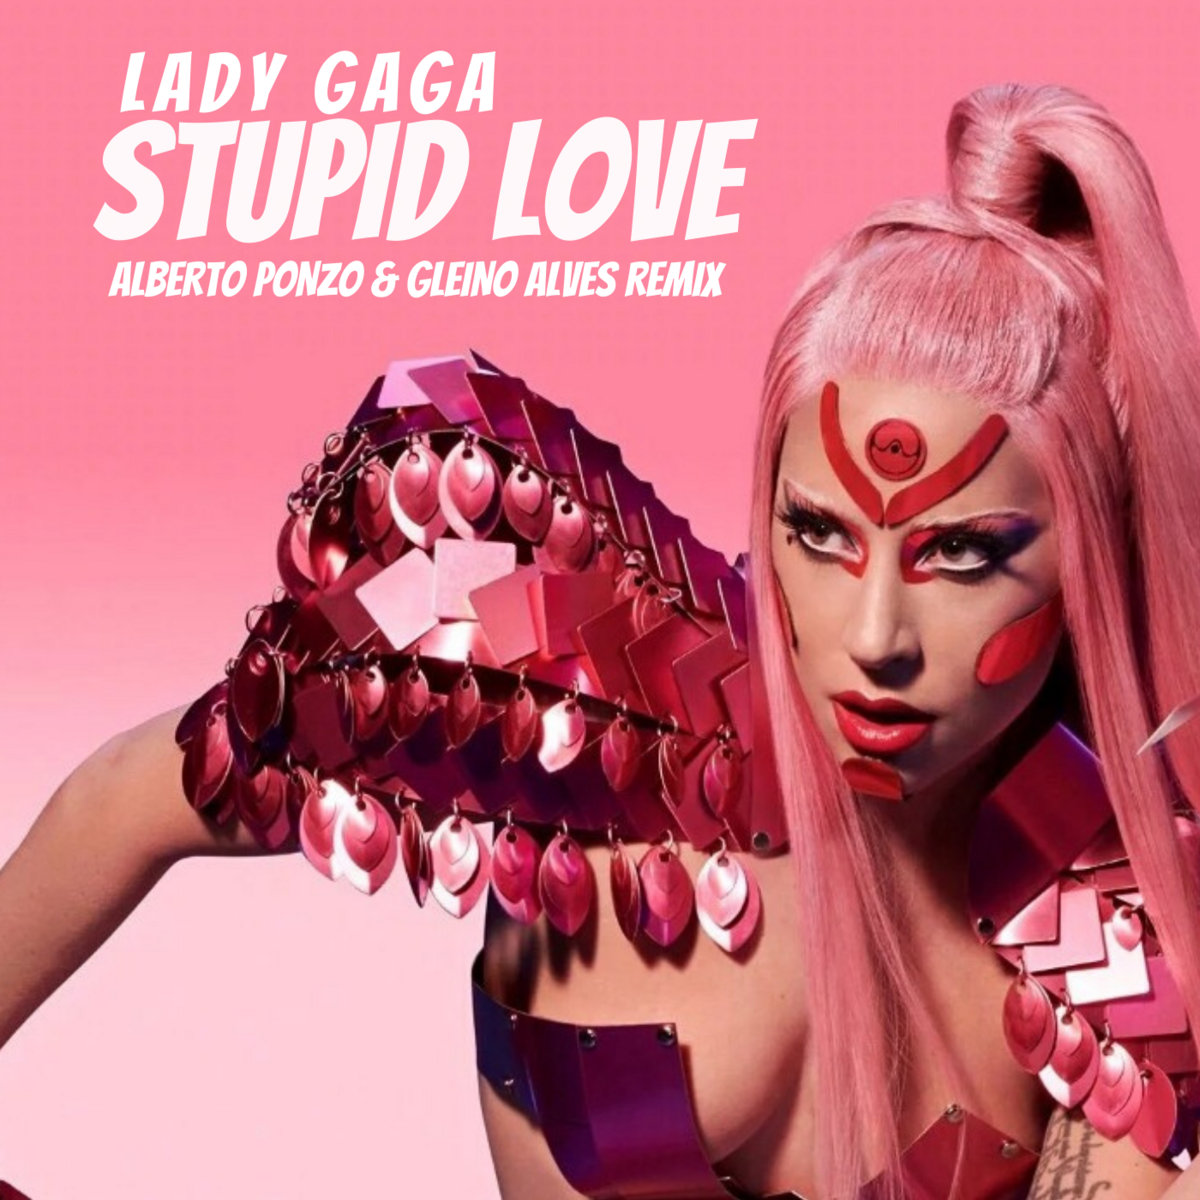 Stupid love ガガ レディー レディー・ガガ、新曲「Stupid Love」を発売。全編iPhone